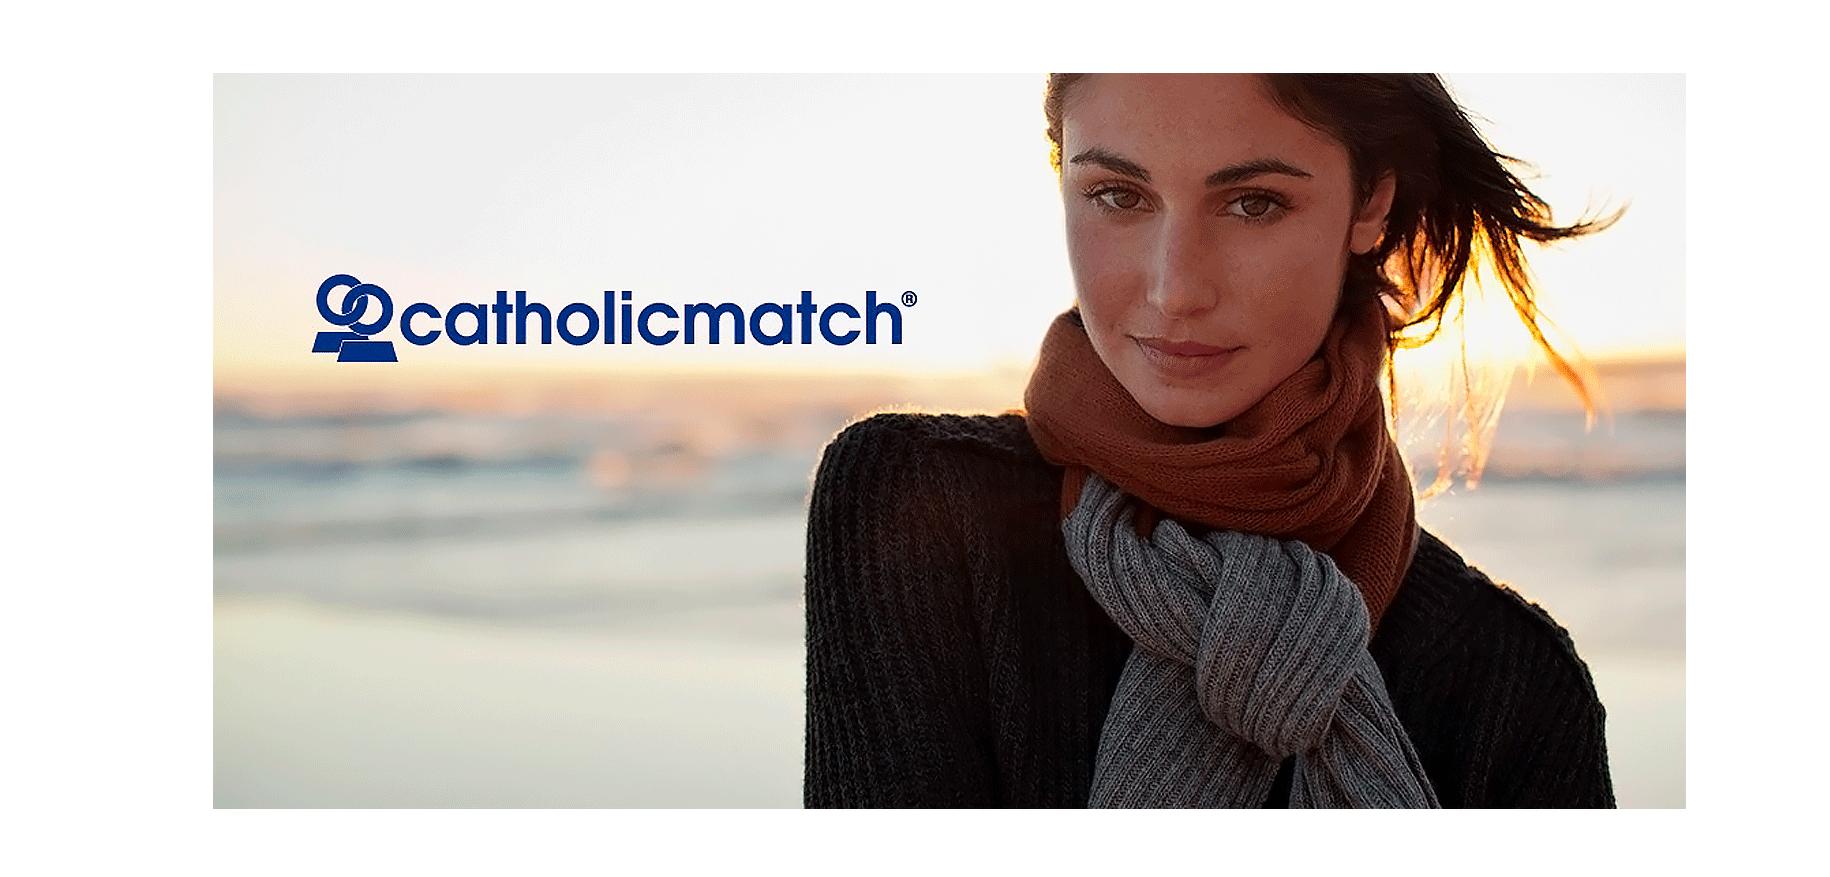 Www catholicmatch com login